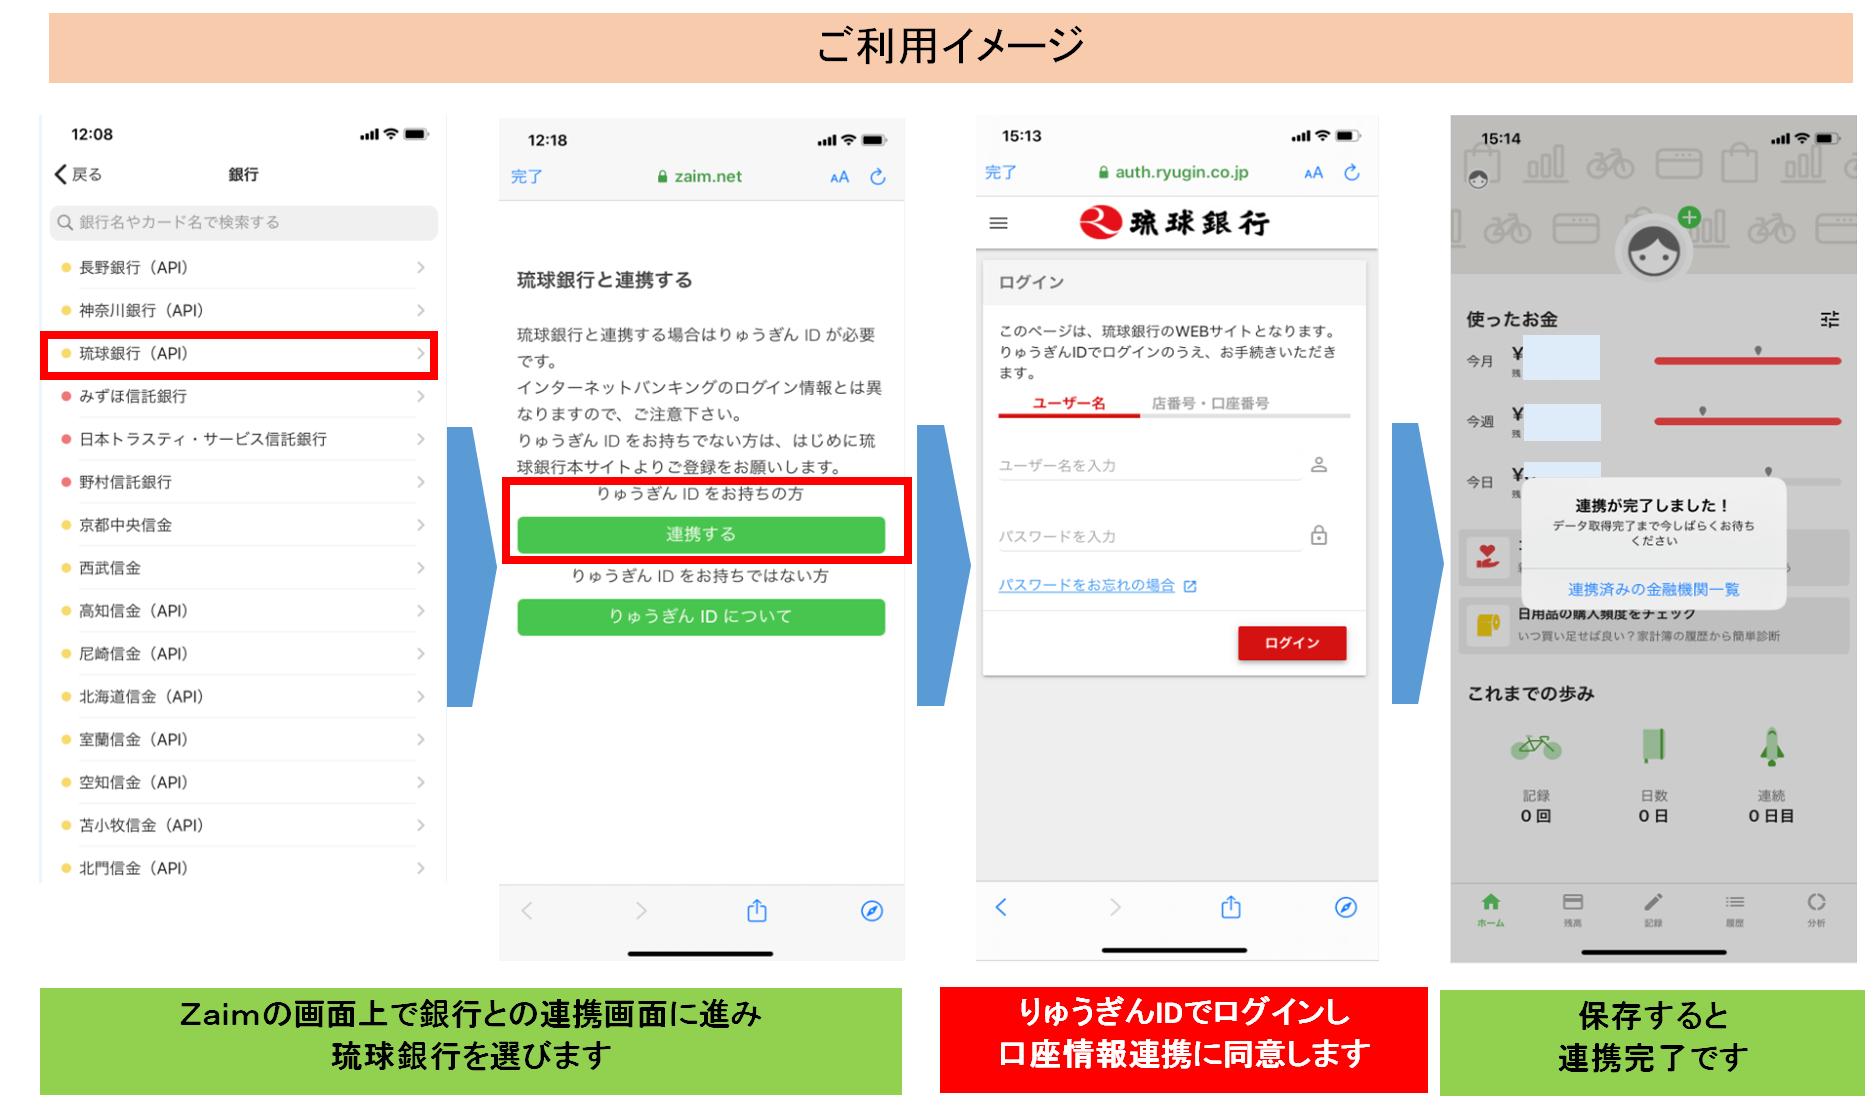 千葉銀行 swiftコード